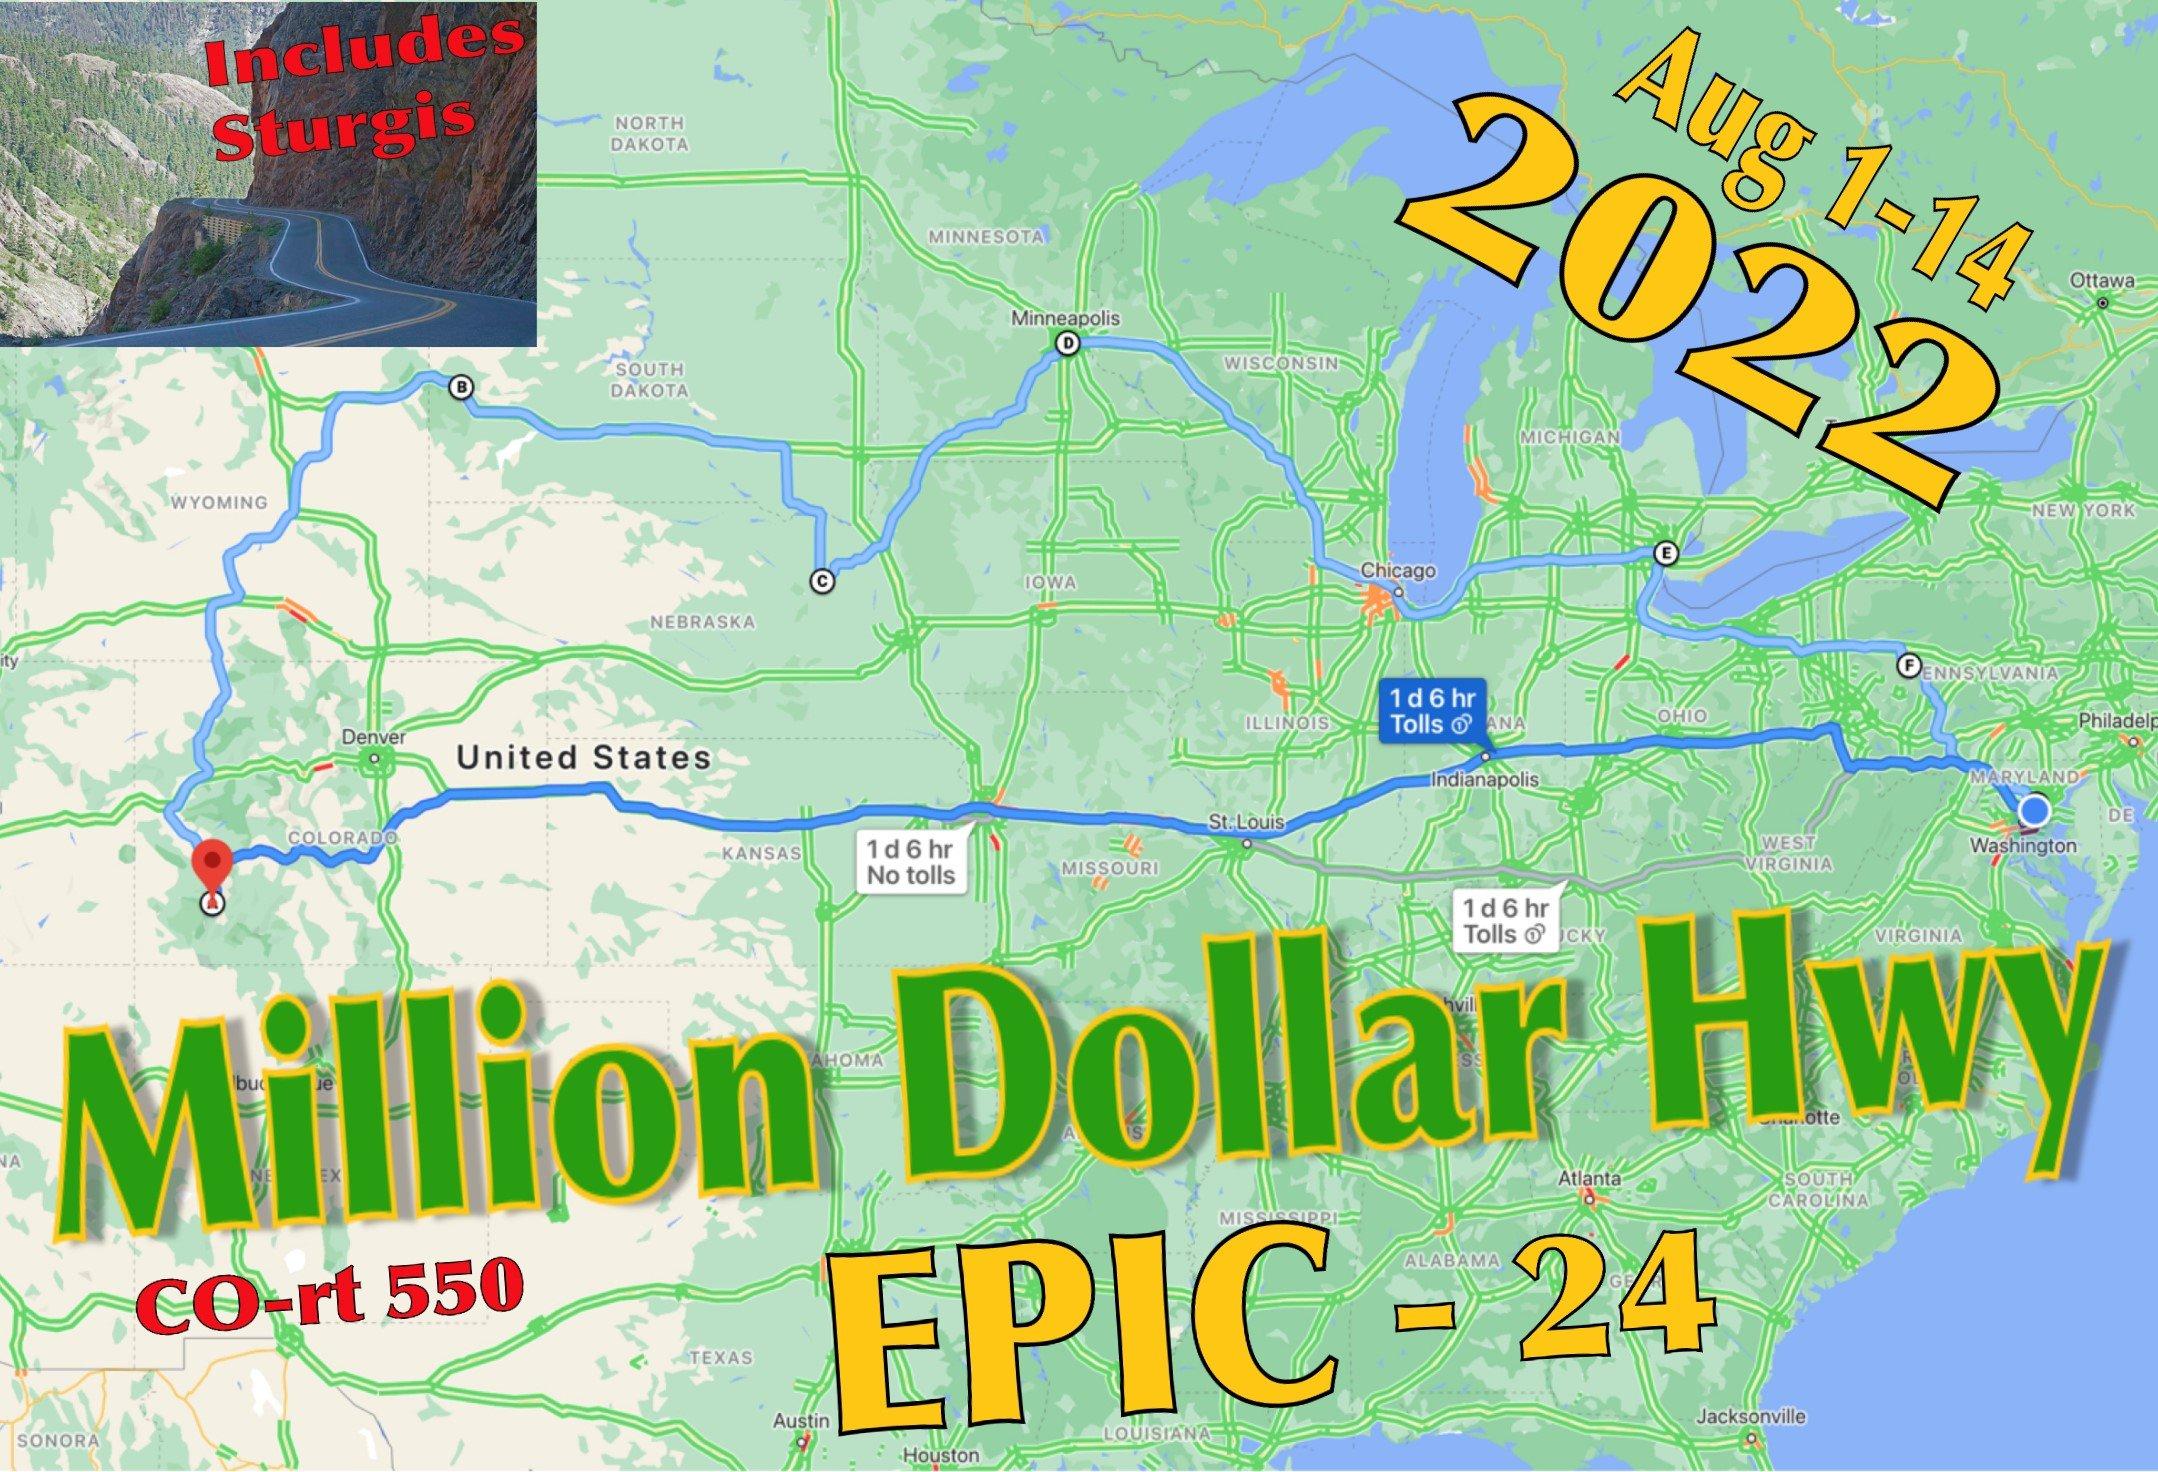 Million Dollar Hwy Epic